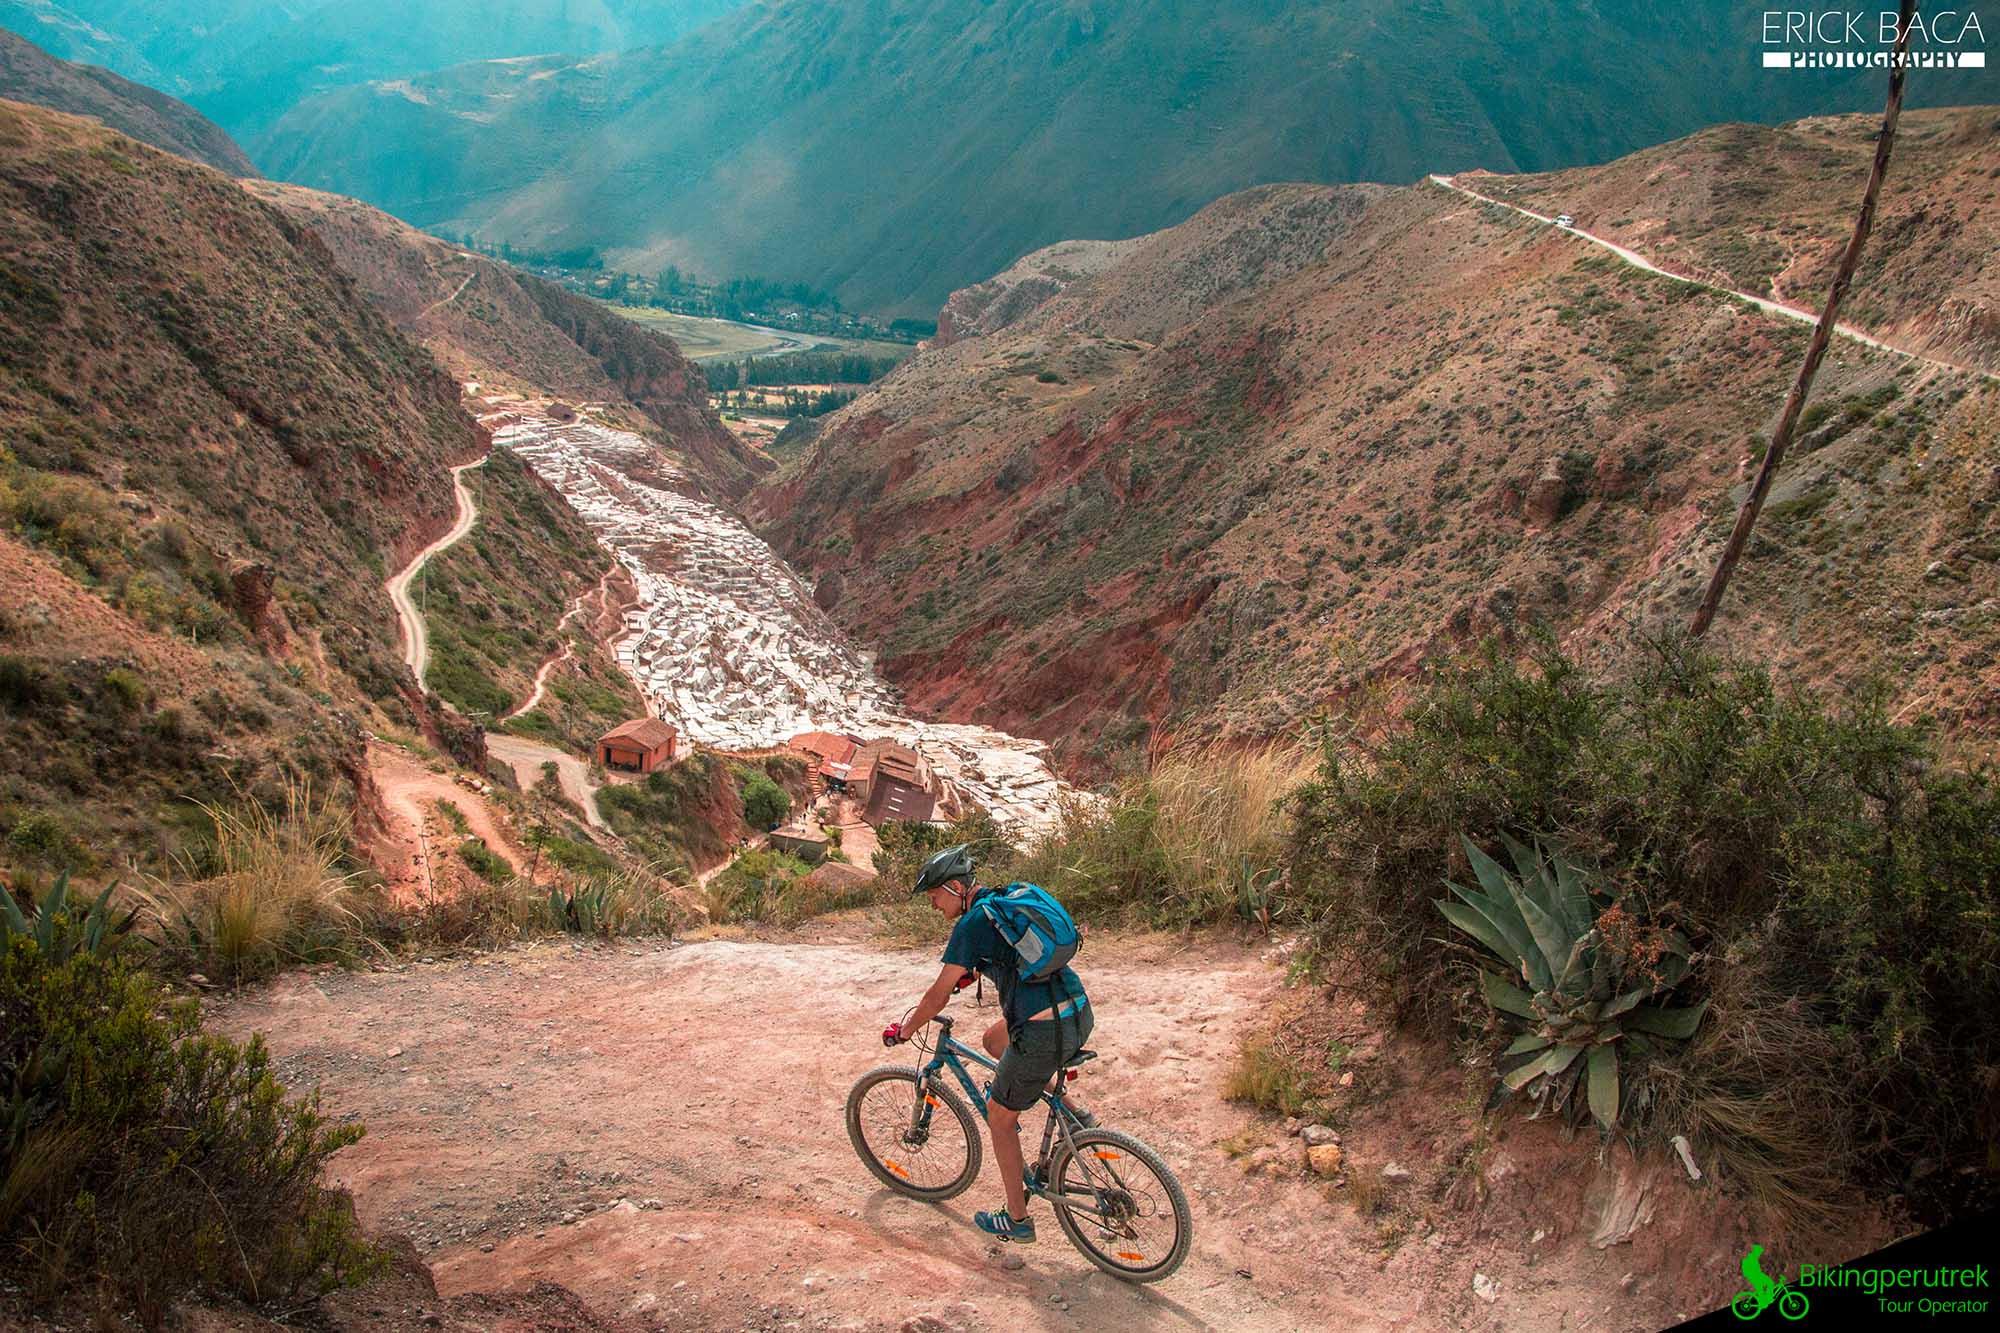 Salineras biking